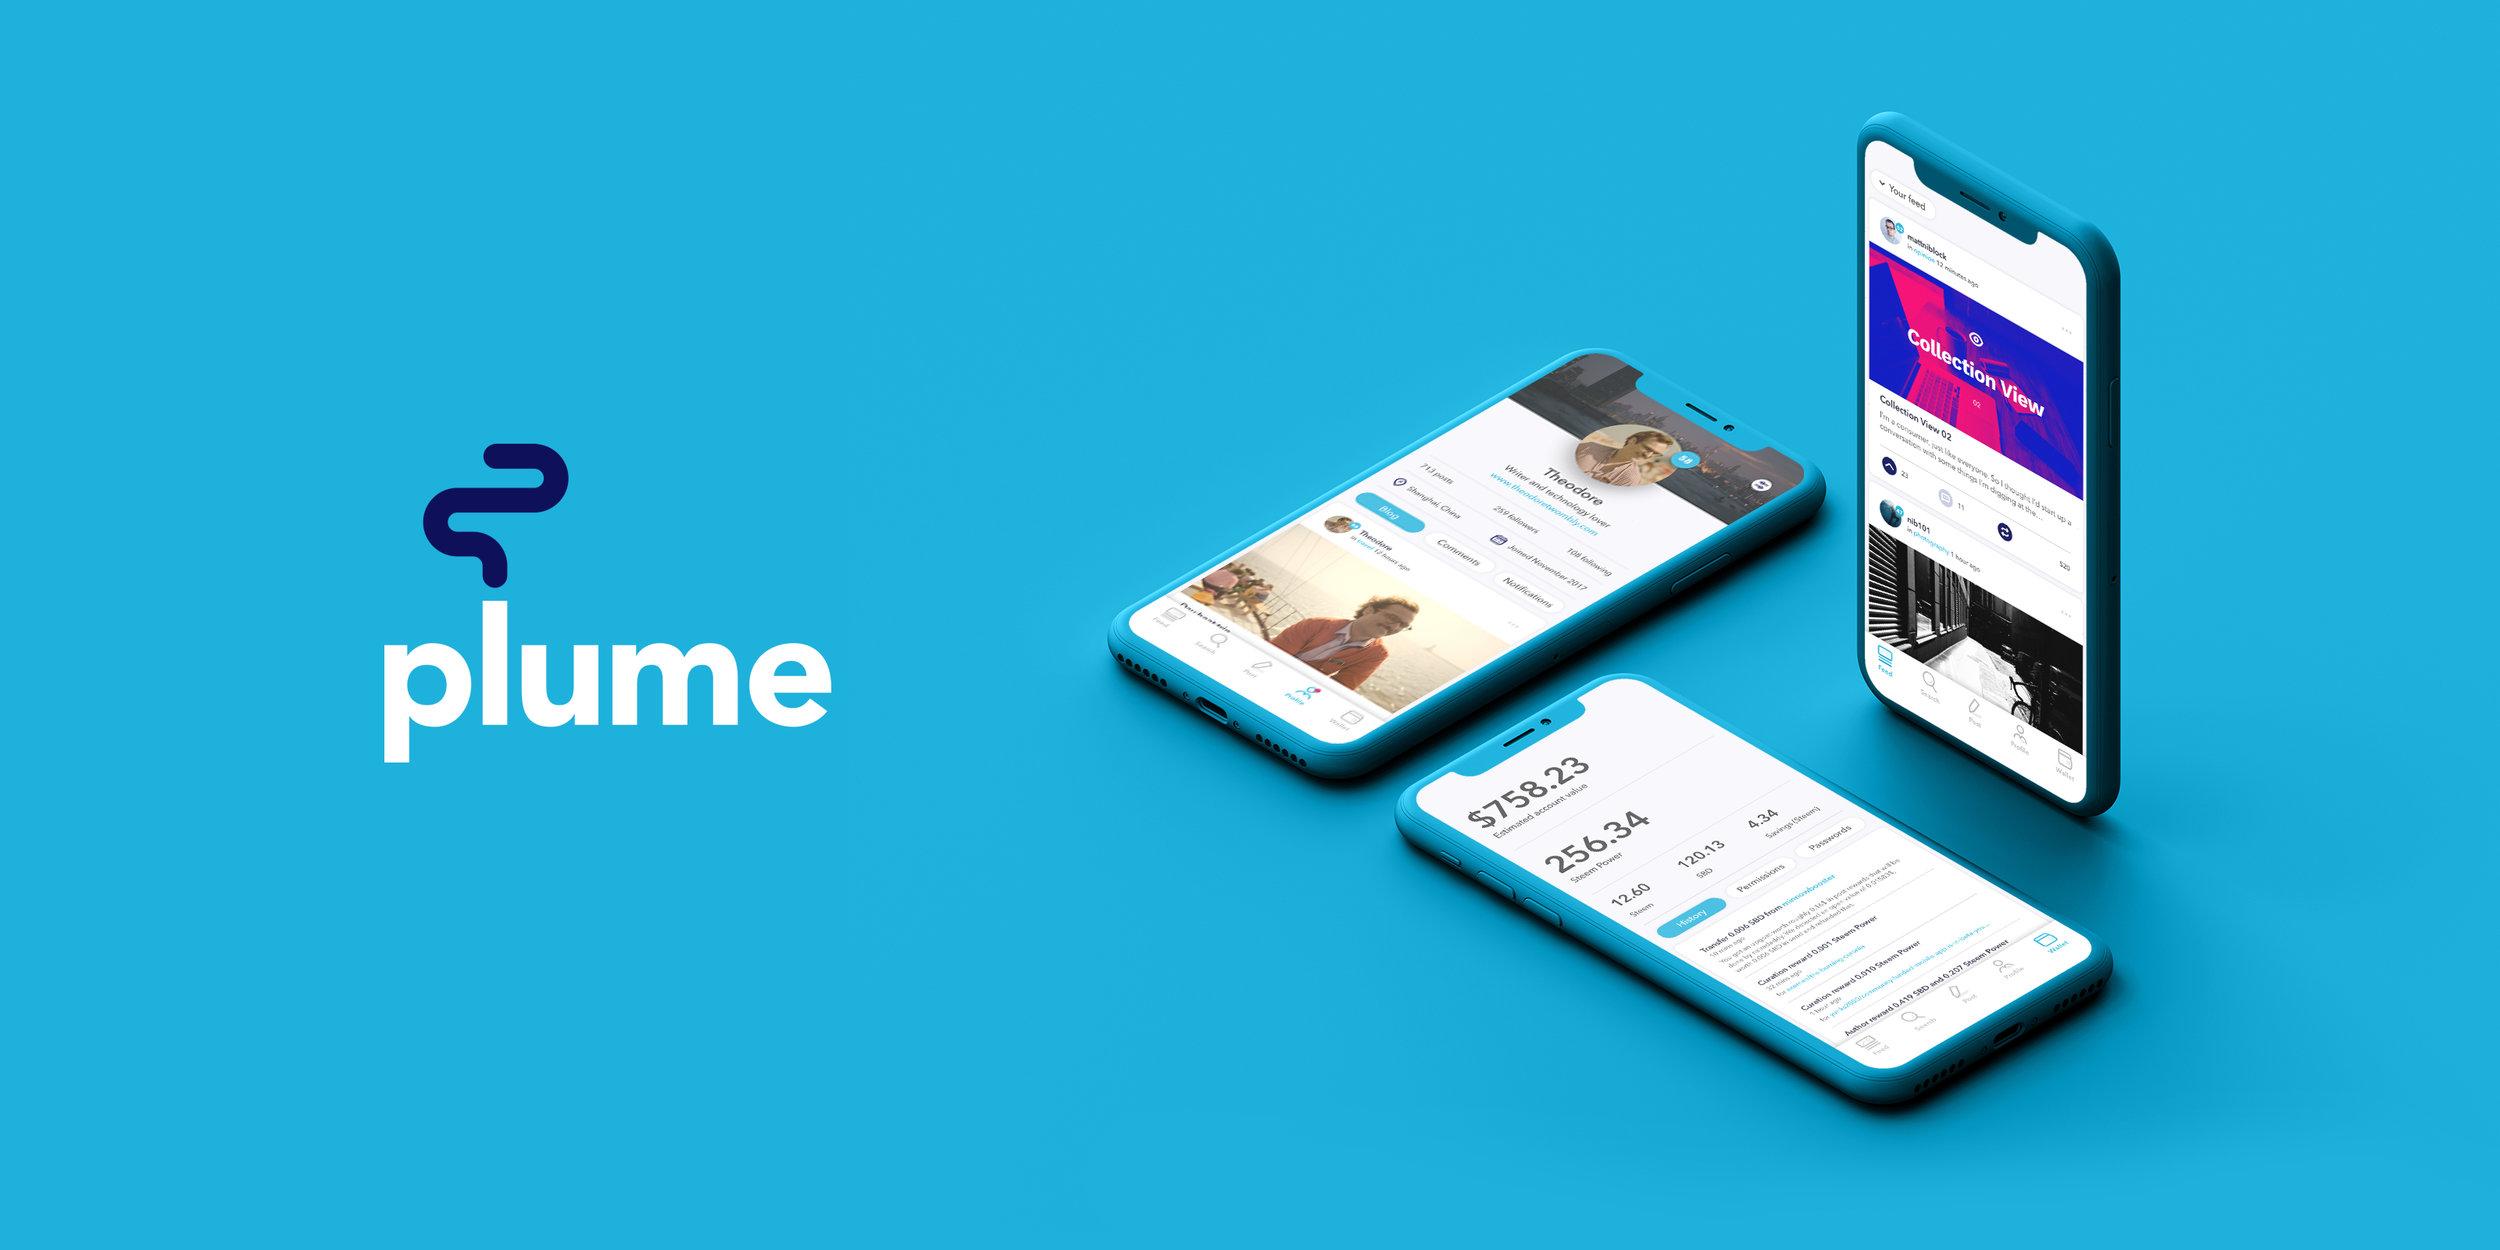 port-img-01_plume-app@2x.jpg